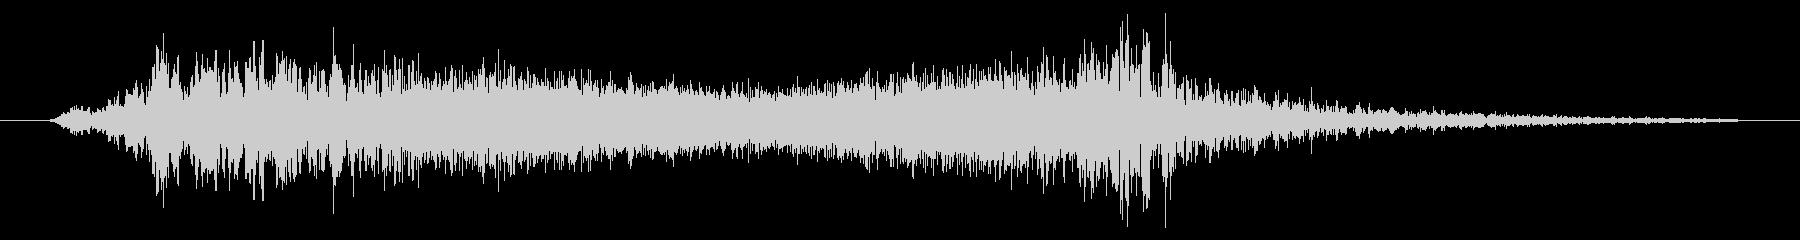 上昇 エイリアンライズアンドドロップ01の未再生の波形